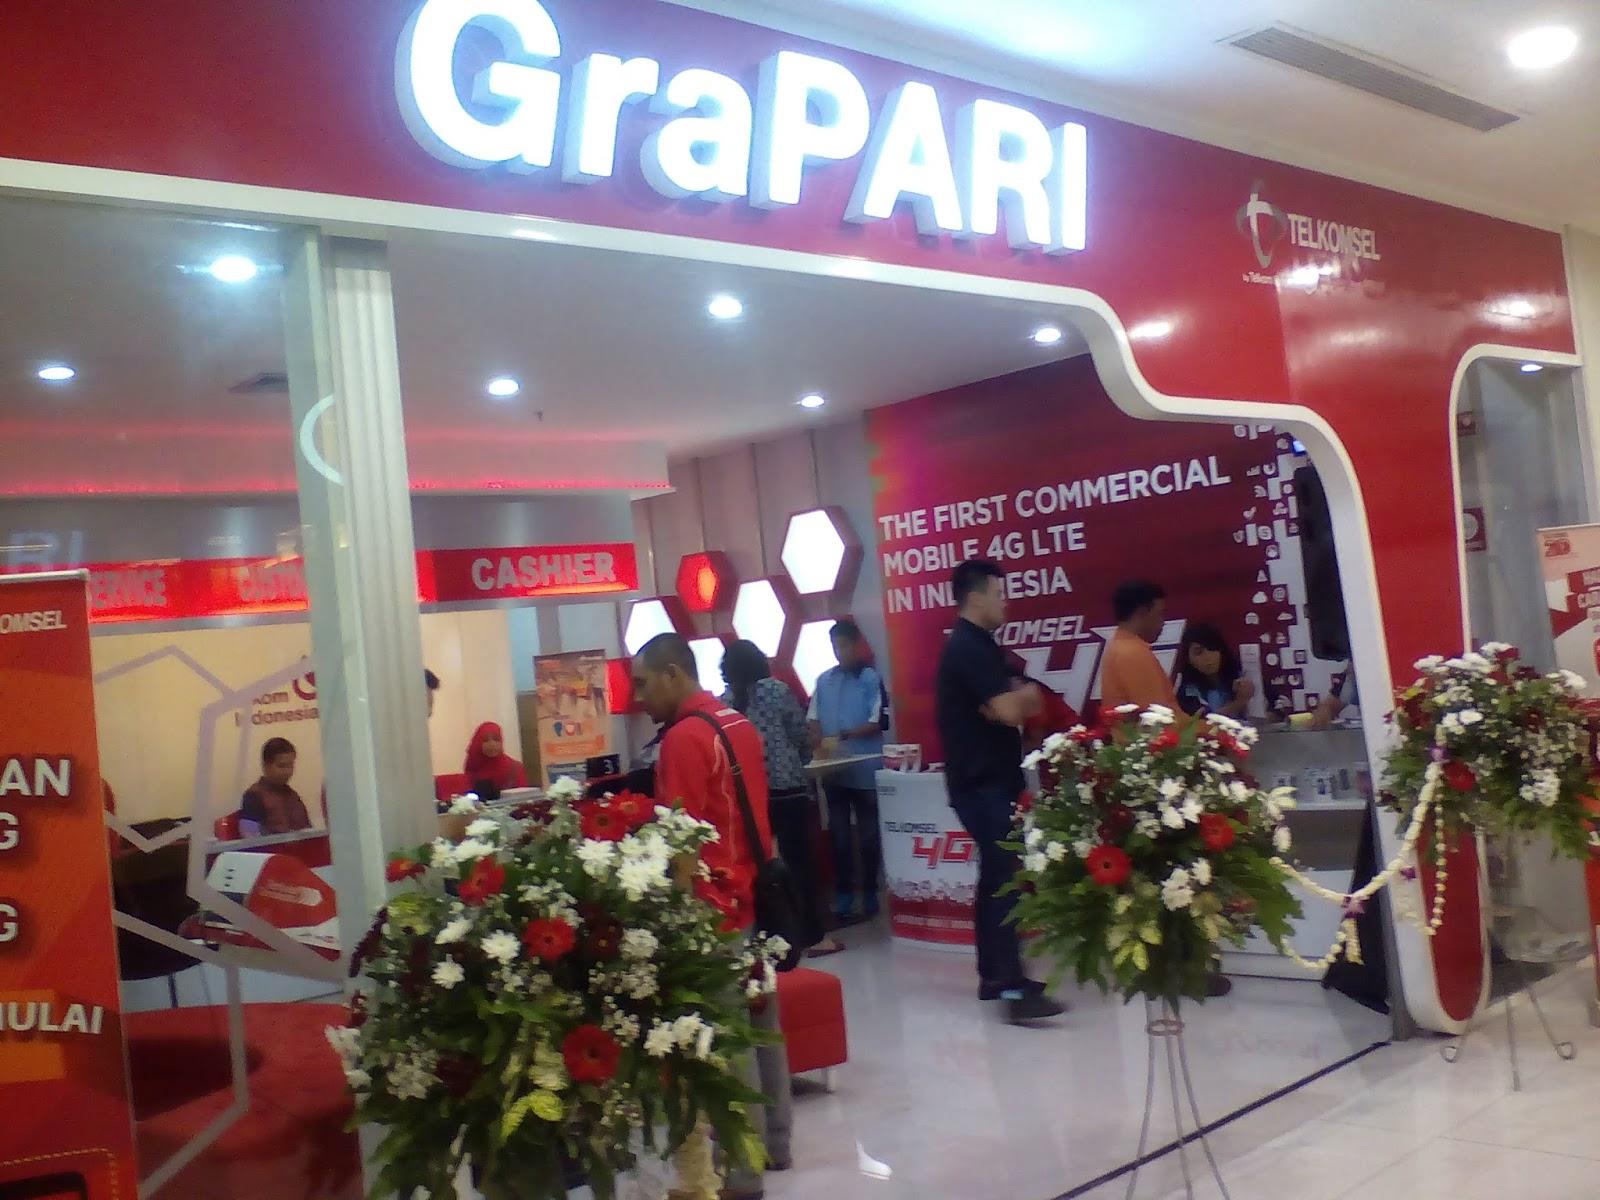 Lowongan Kerja Grapari Telkomsel Mall Ska